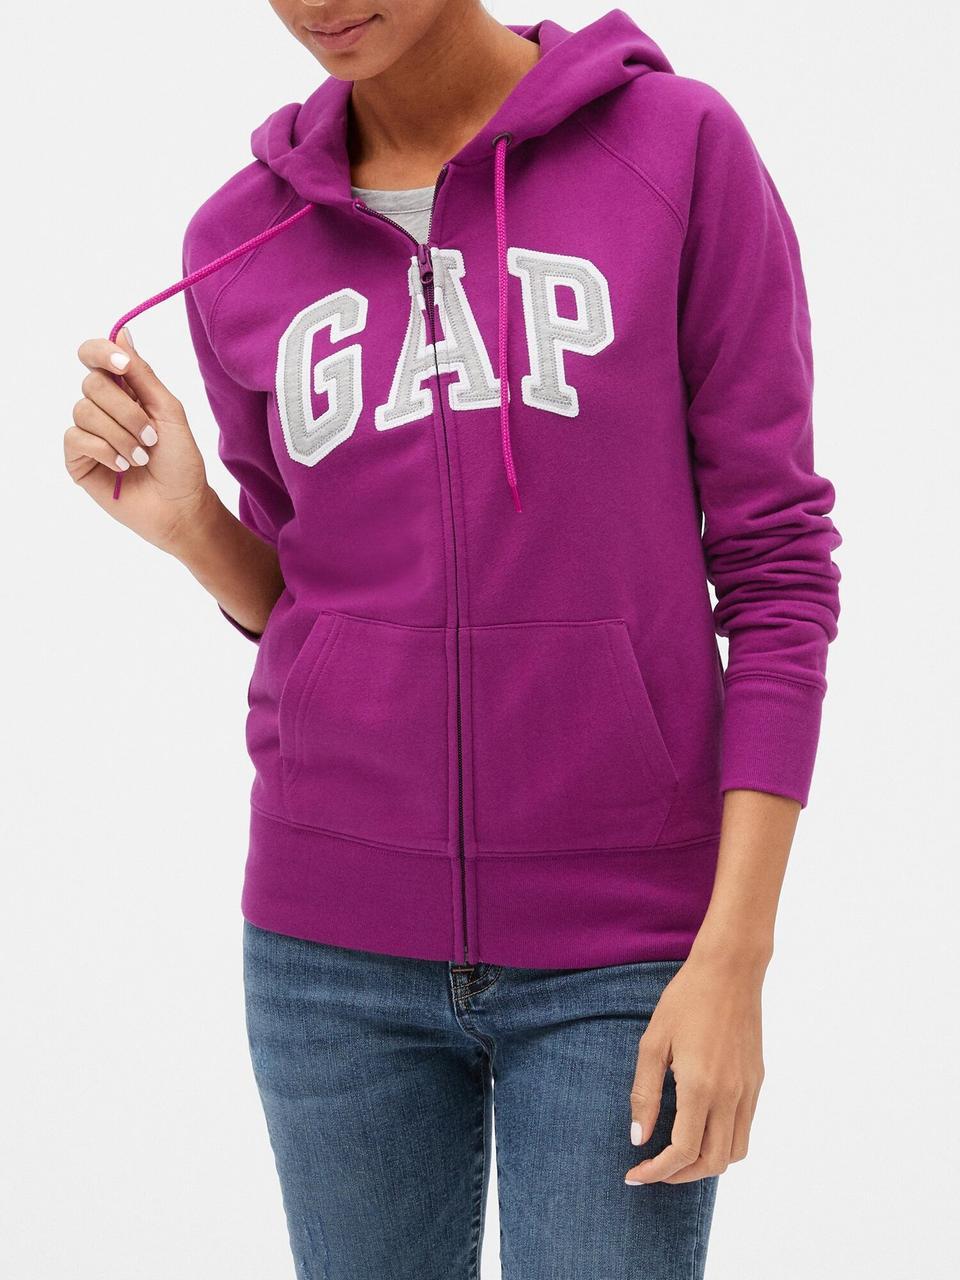 Толстовка жіноча худі GAP art753936 кофта (Фіолетовий, розмір XS)